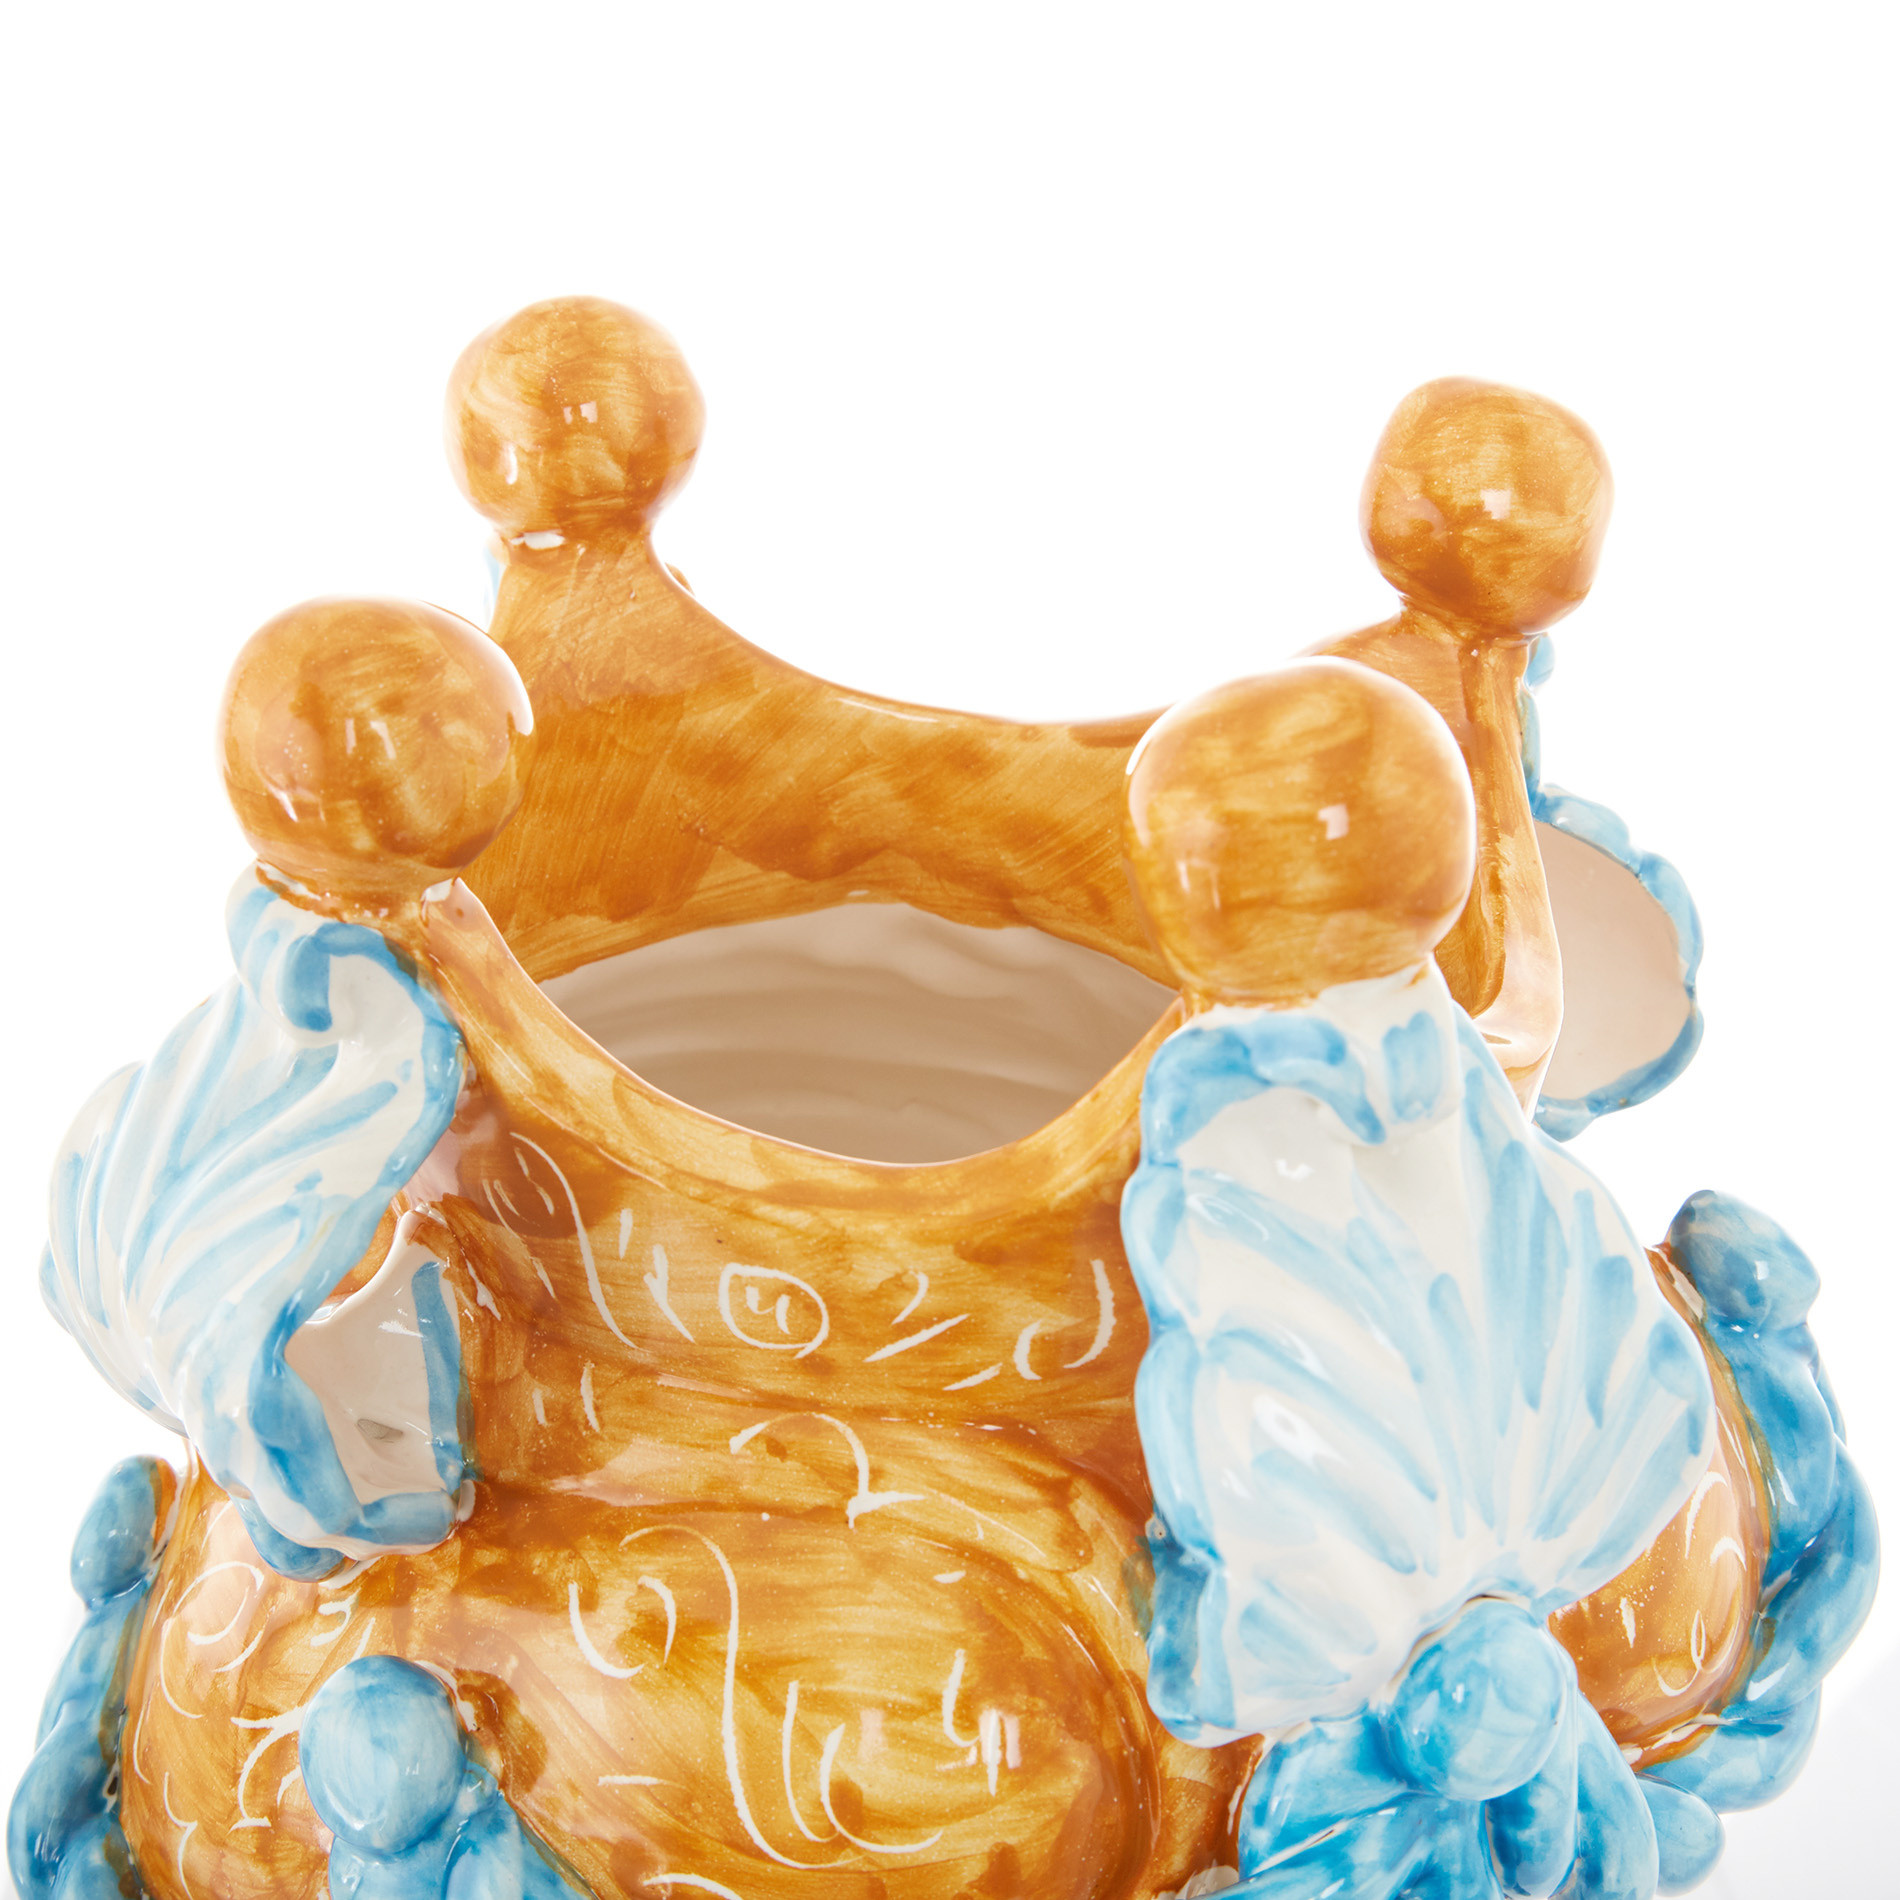 Testa di moro arabesque by Ceramiche Siciliane Ruggeri, Multicolor, large image number 4